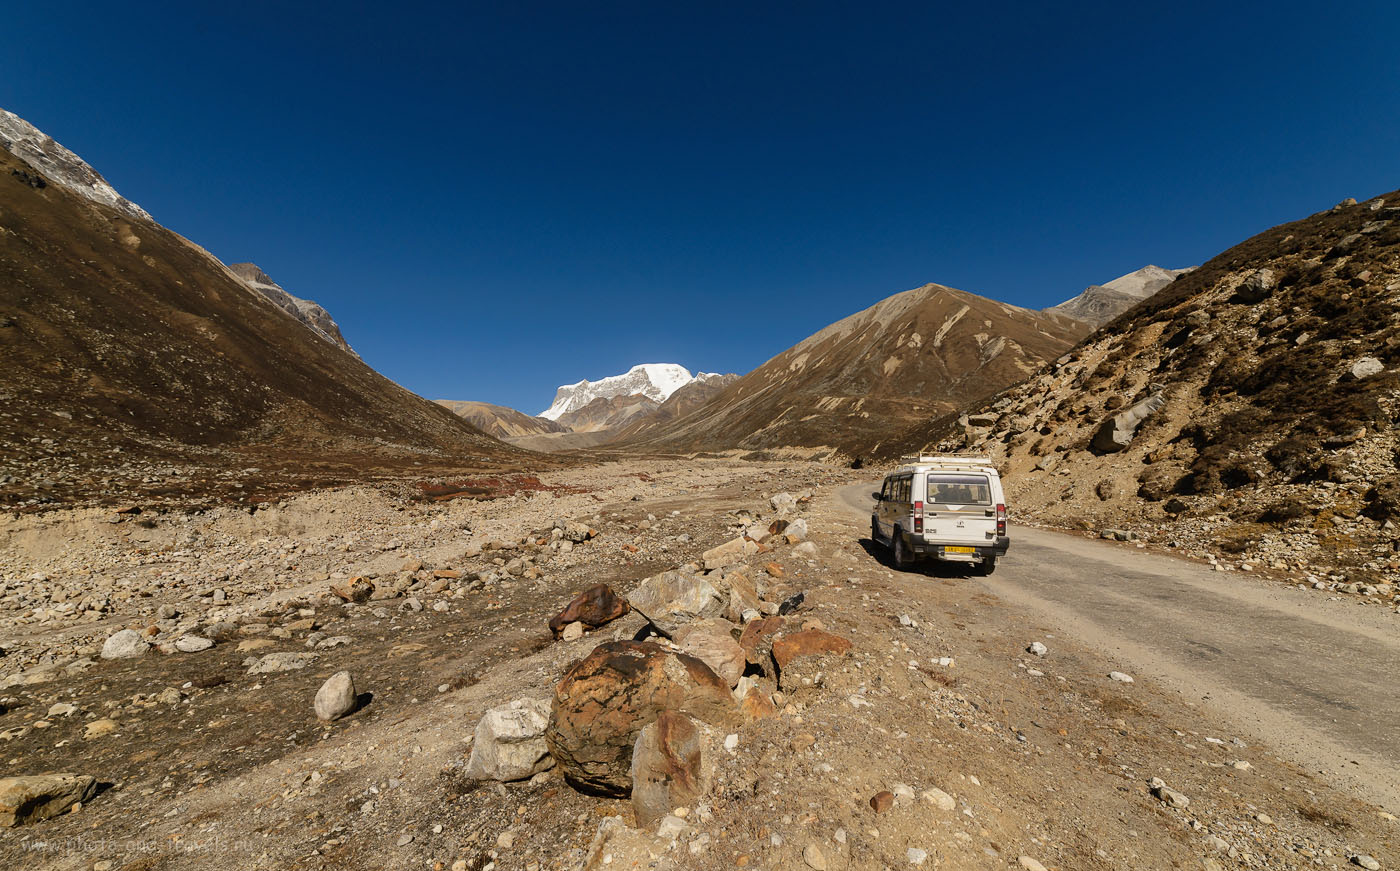 Фотография 3. Высокогорная пустыня в Гималаях. Отзыв о самостоятельном путешествии по Индии по штату Сикким. Камера Никон Д610, объектив Самъянг 14/2,8. Настройки: 1/1000, -1.0, 9.0, 250, 14.